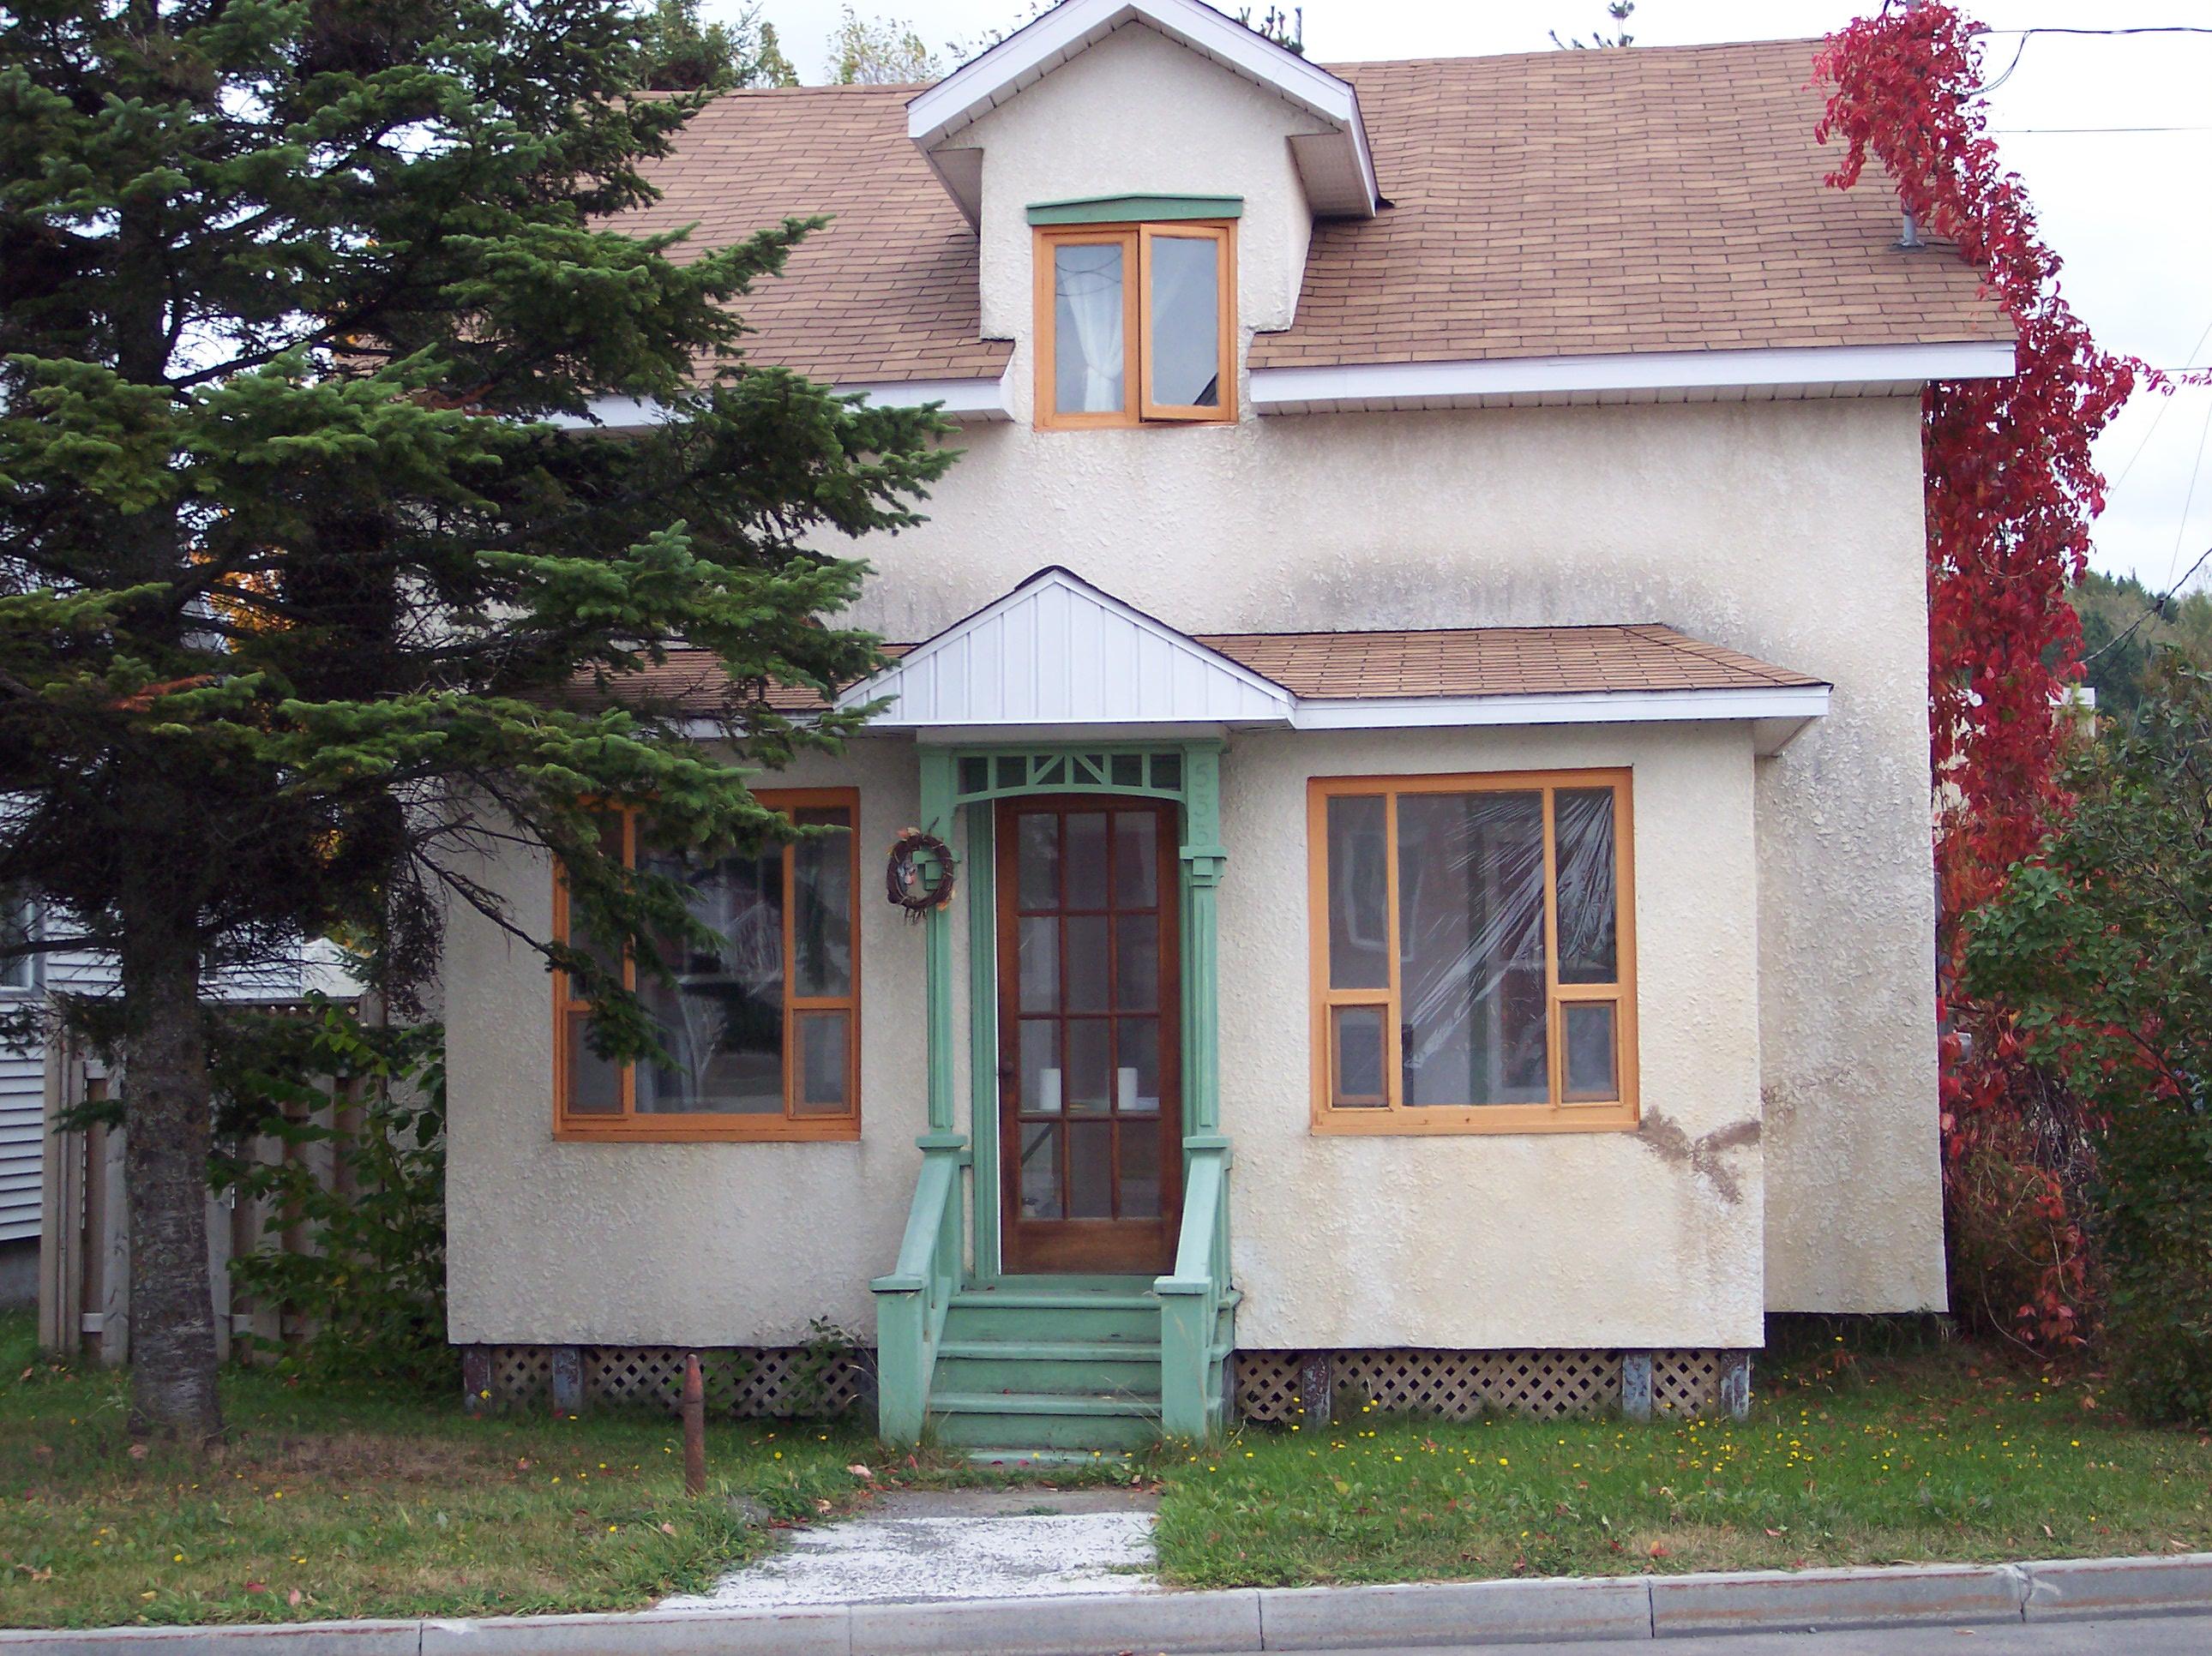 1675 - 533, rue Tessier